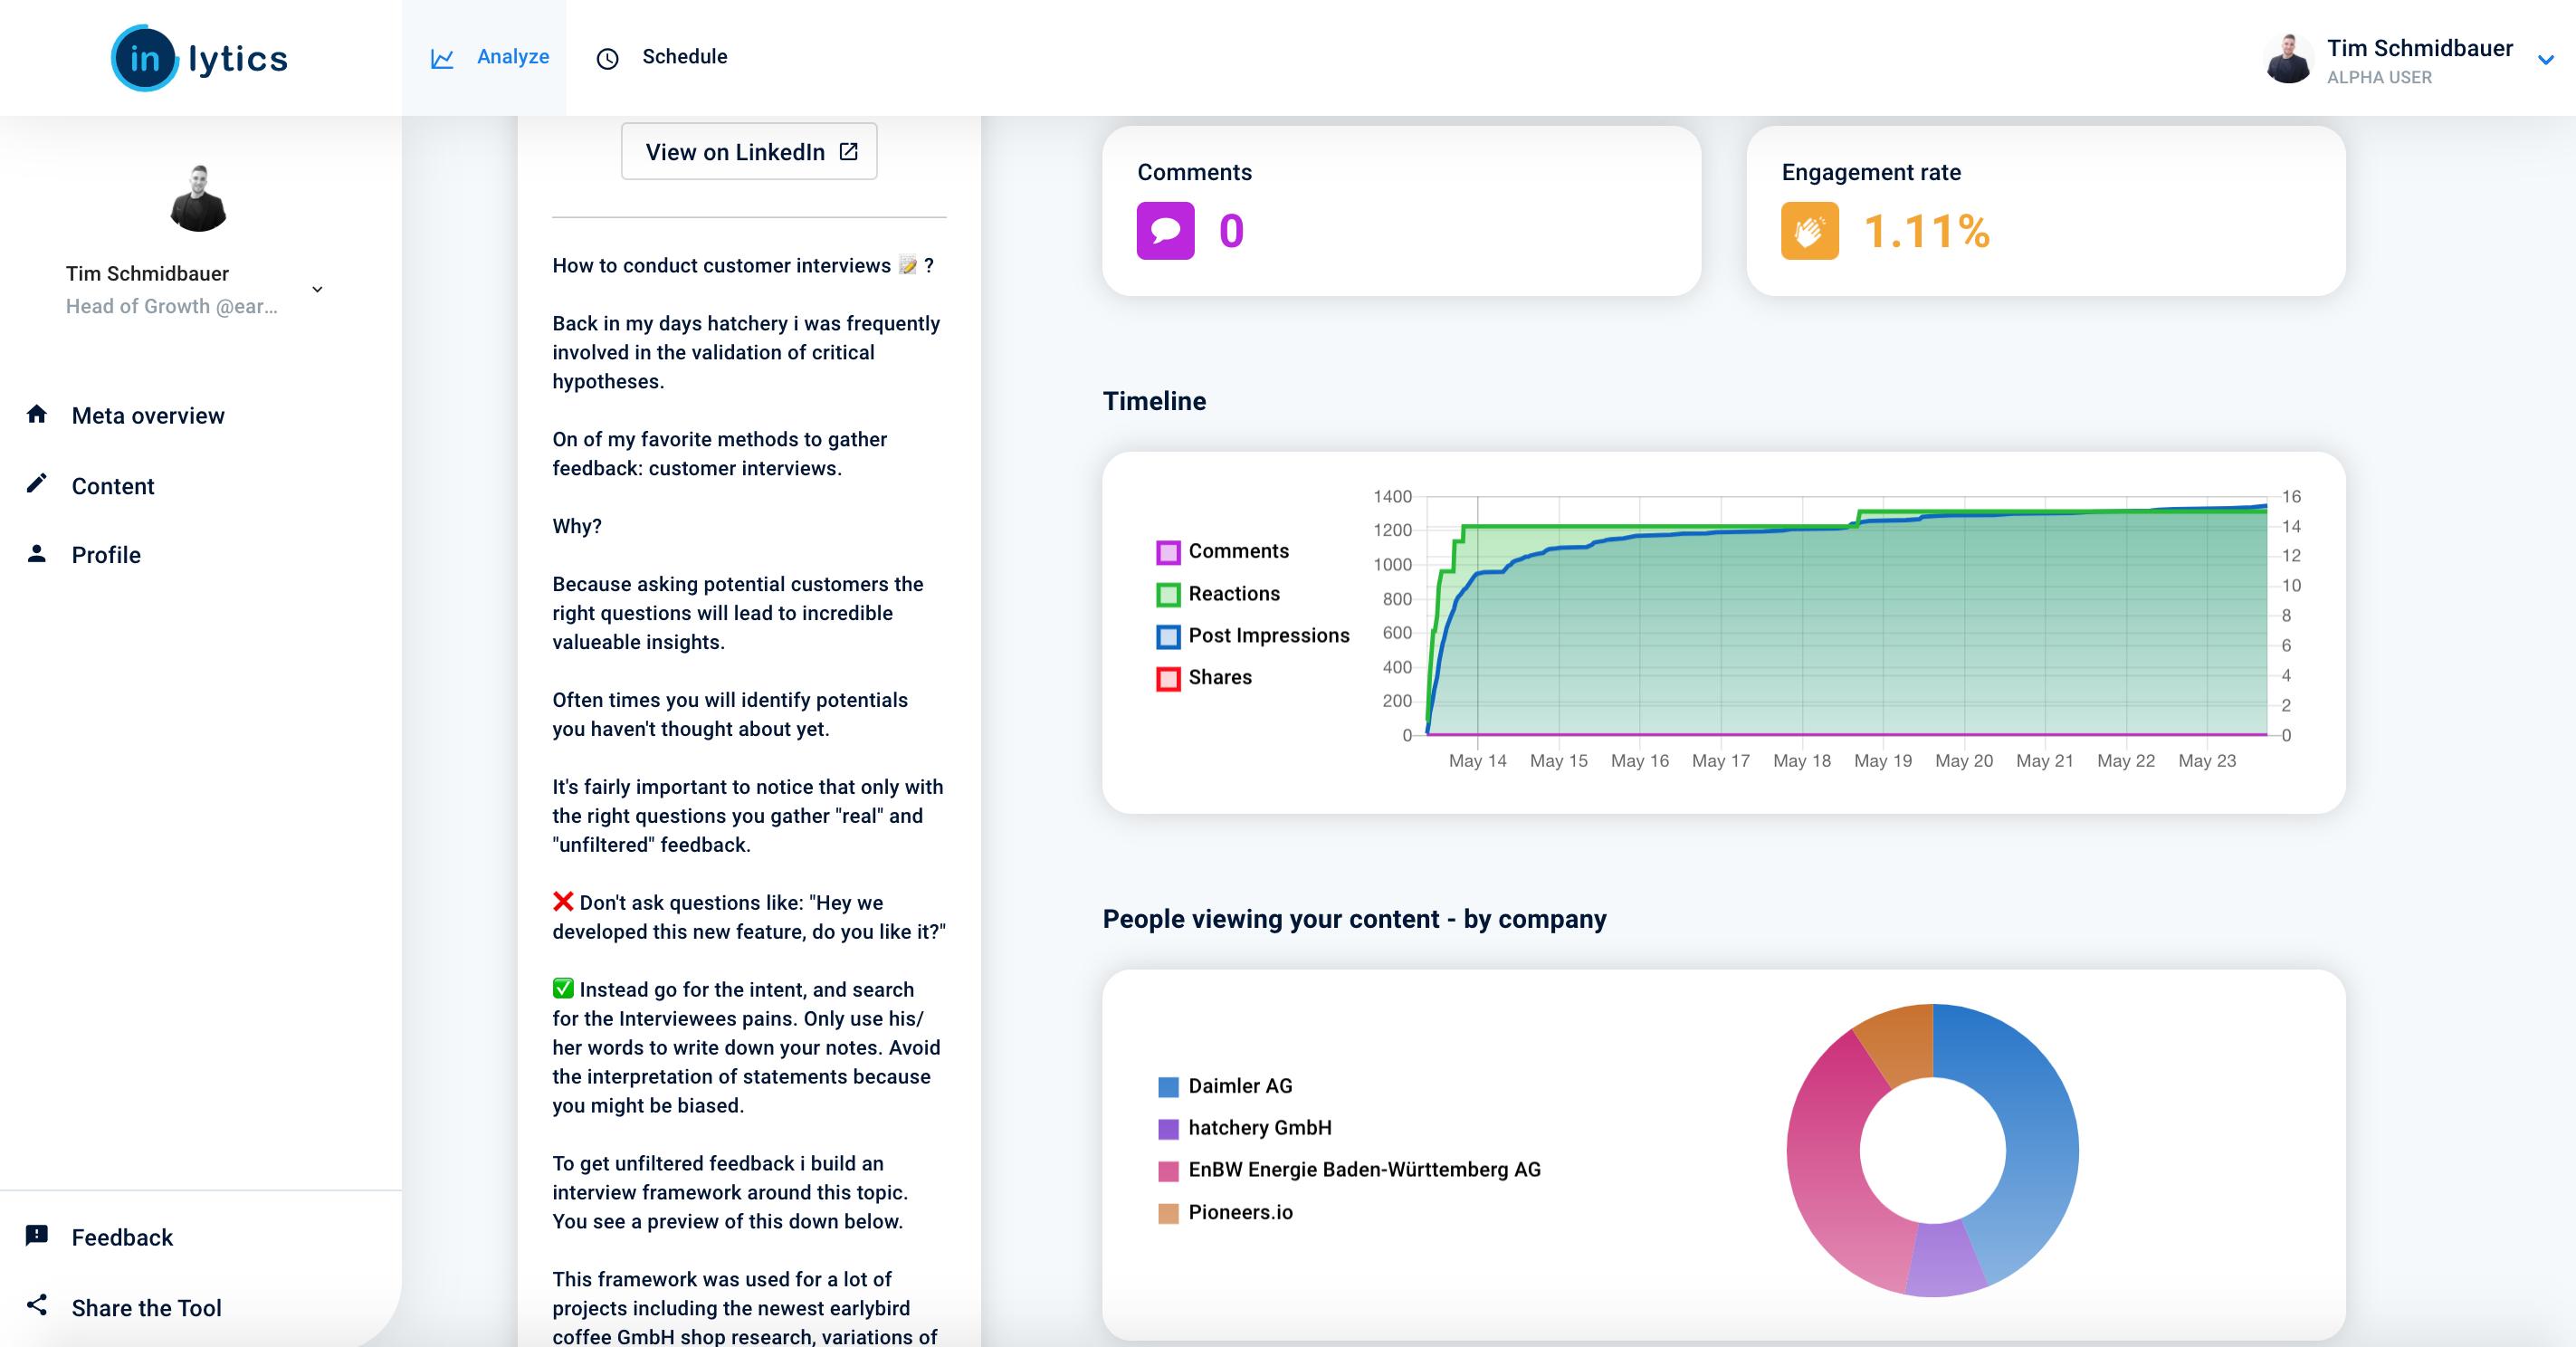 Content analytics report